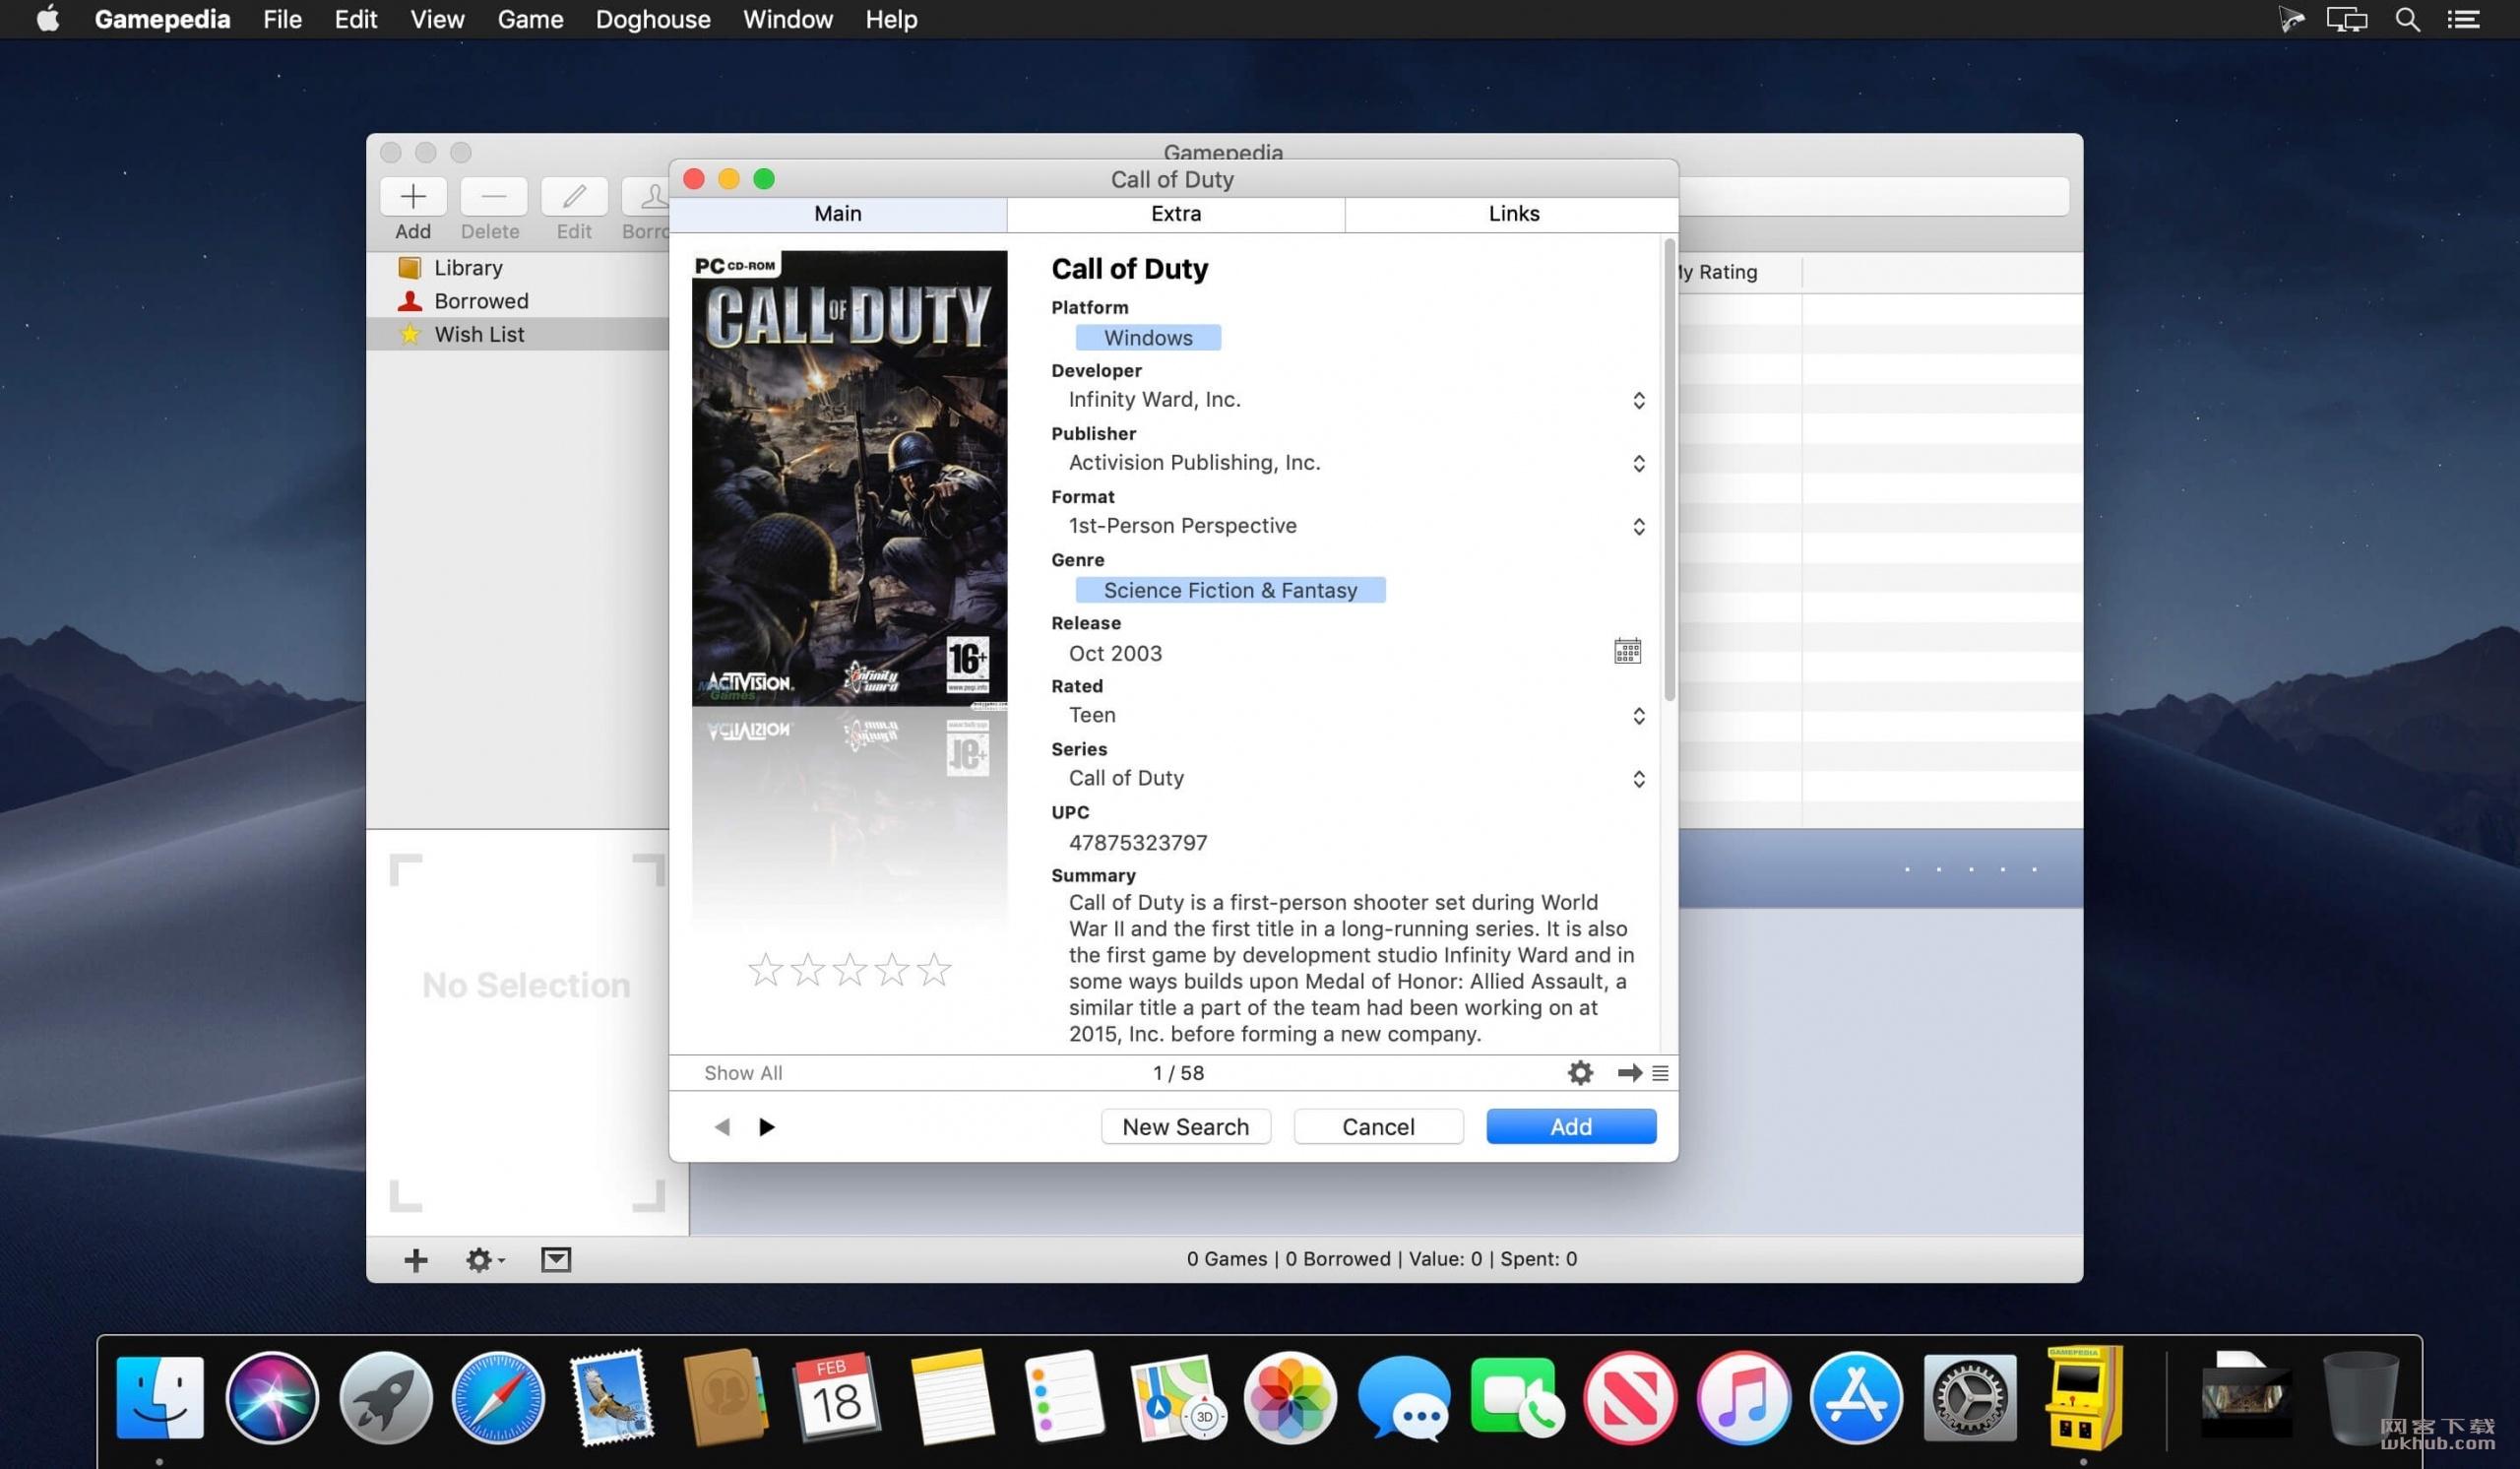 Gamepedia 6.0.1 视频游戏编目软件